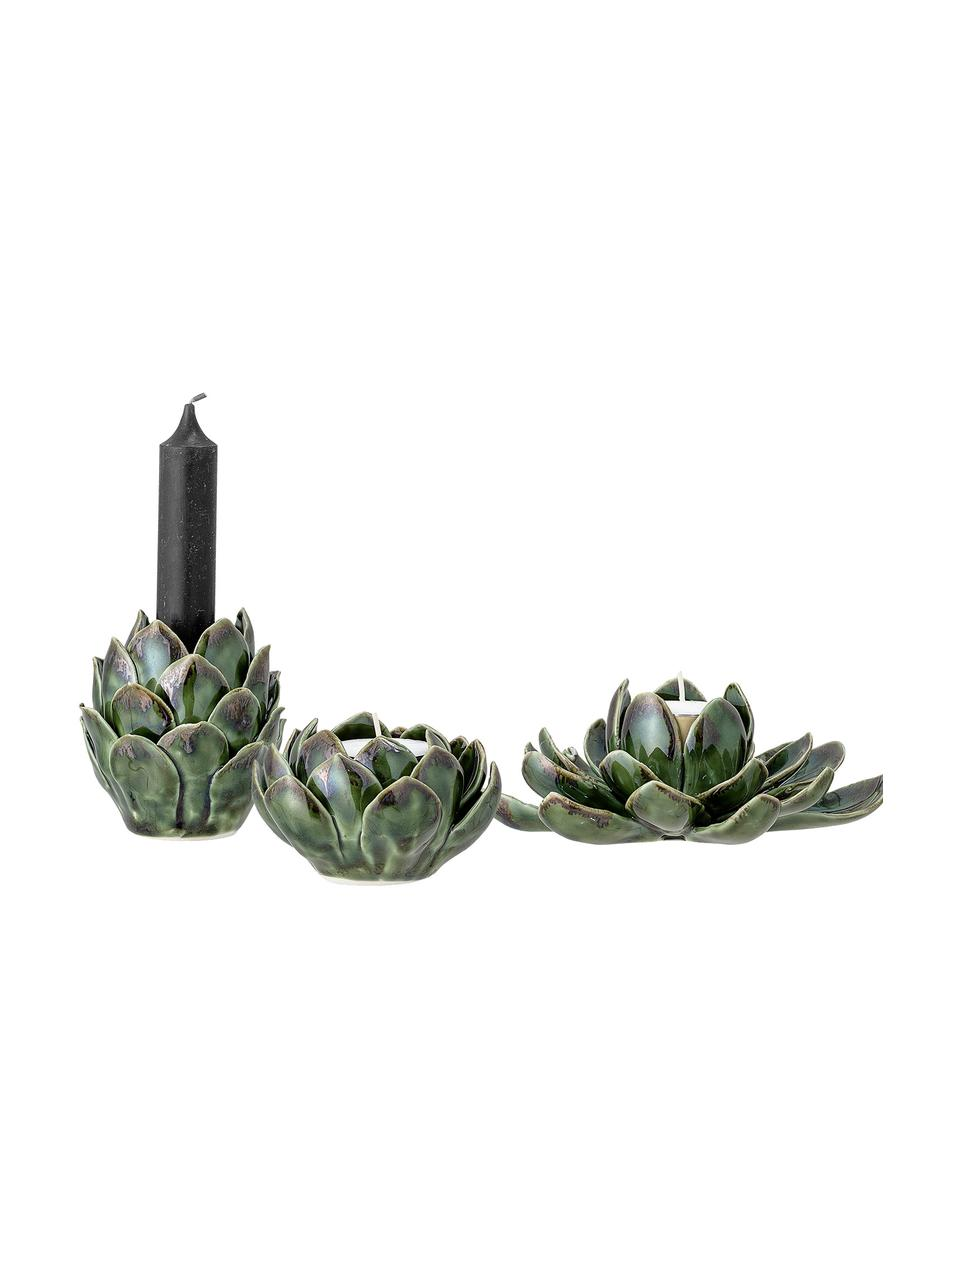 Handgemaakte waxinelichthoudersset Gloria, 3-delig, Keramiek, Groen, Set met verschillende formaten